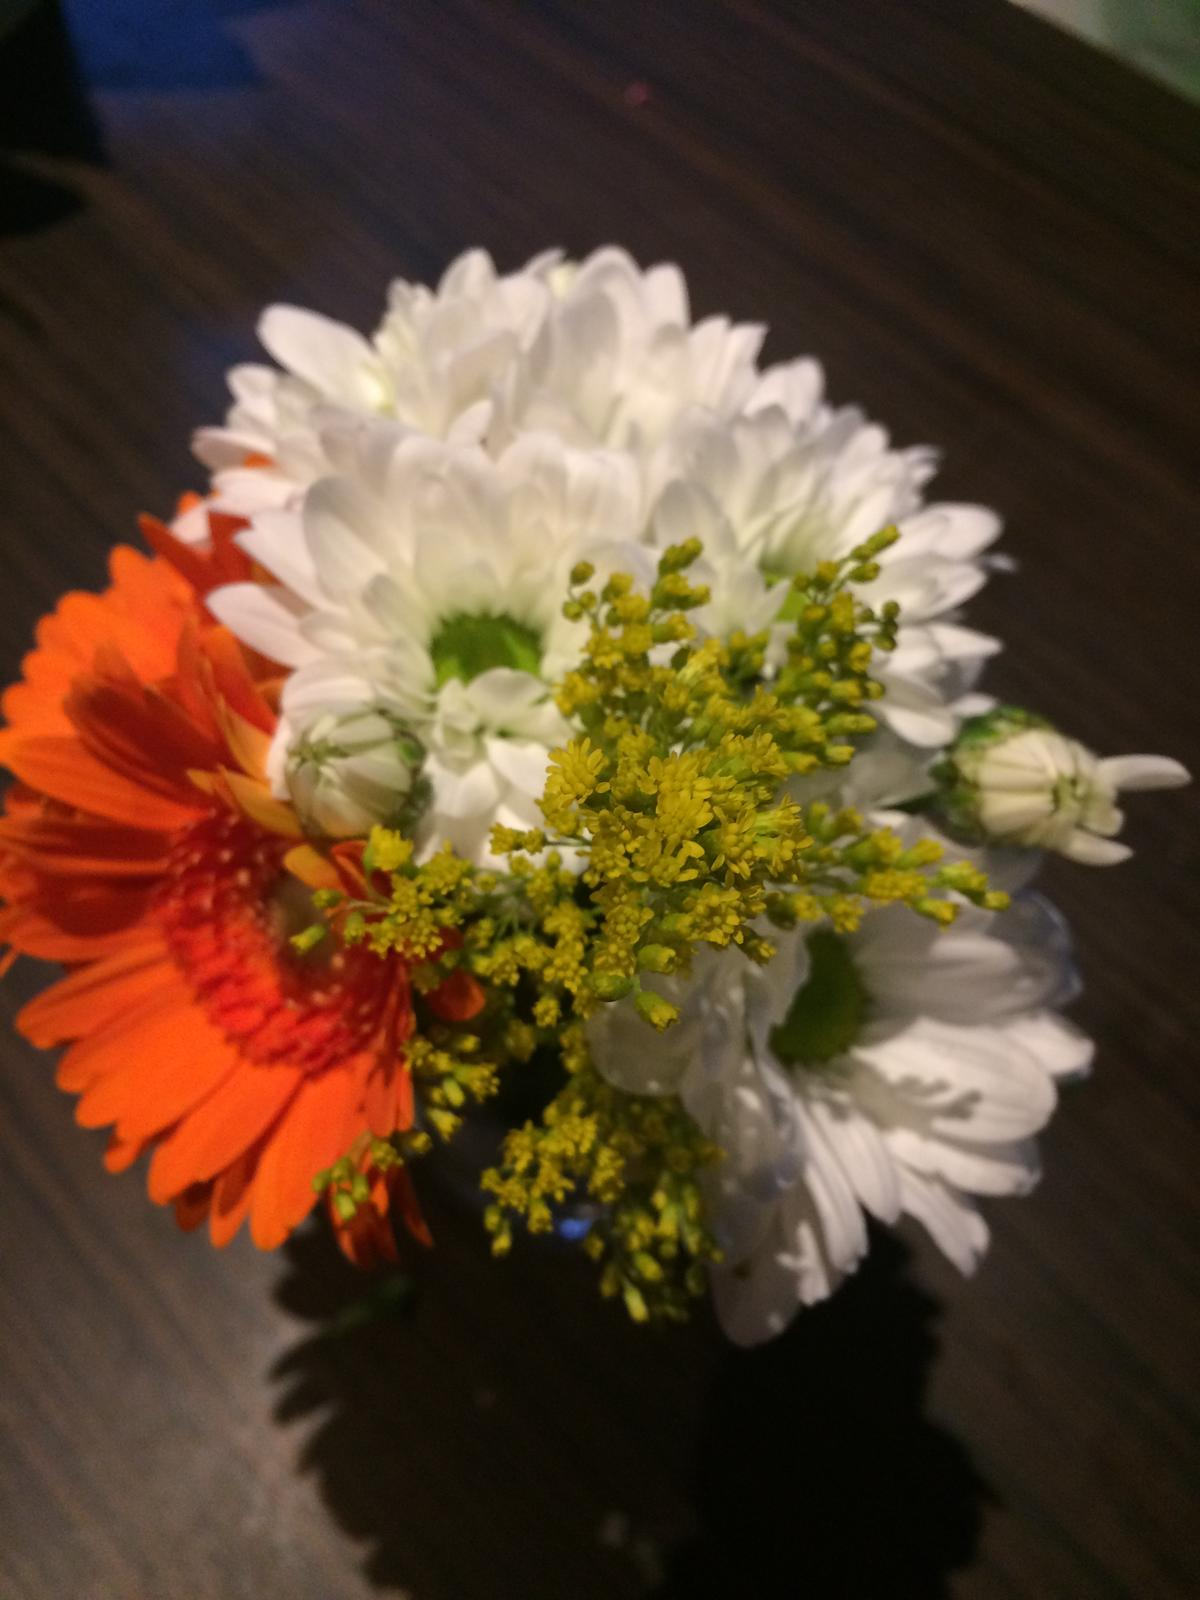 Dekorace z květin Pro radost - a druhá zlatobýl, gerbery a chryzy